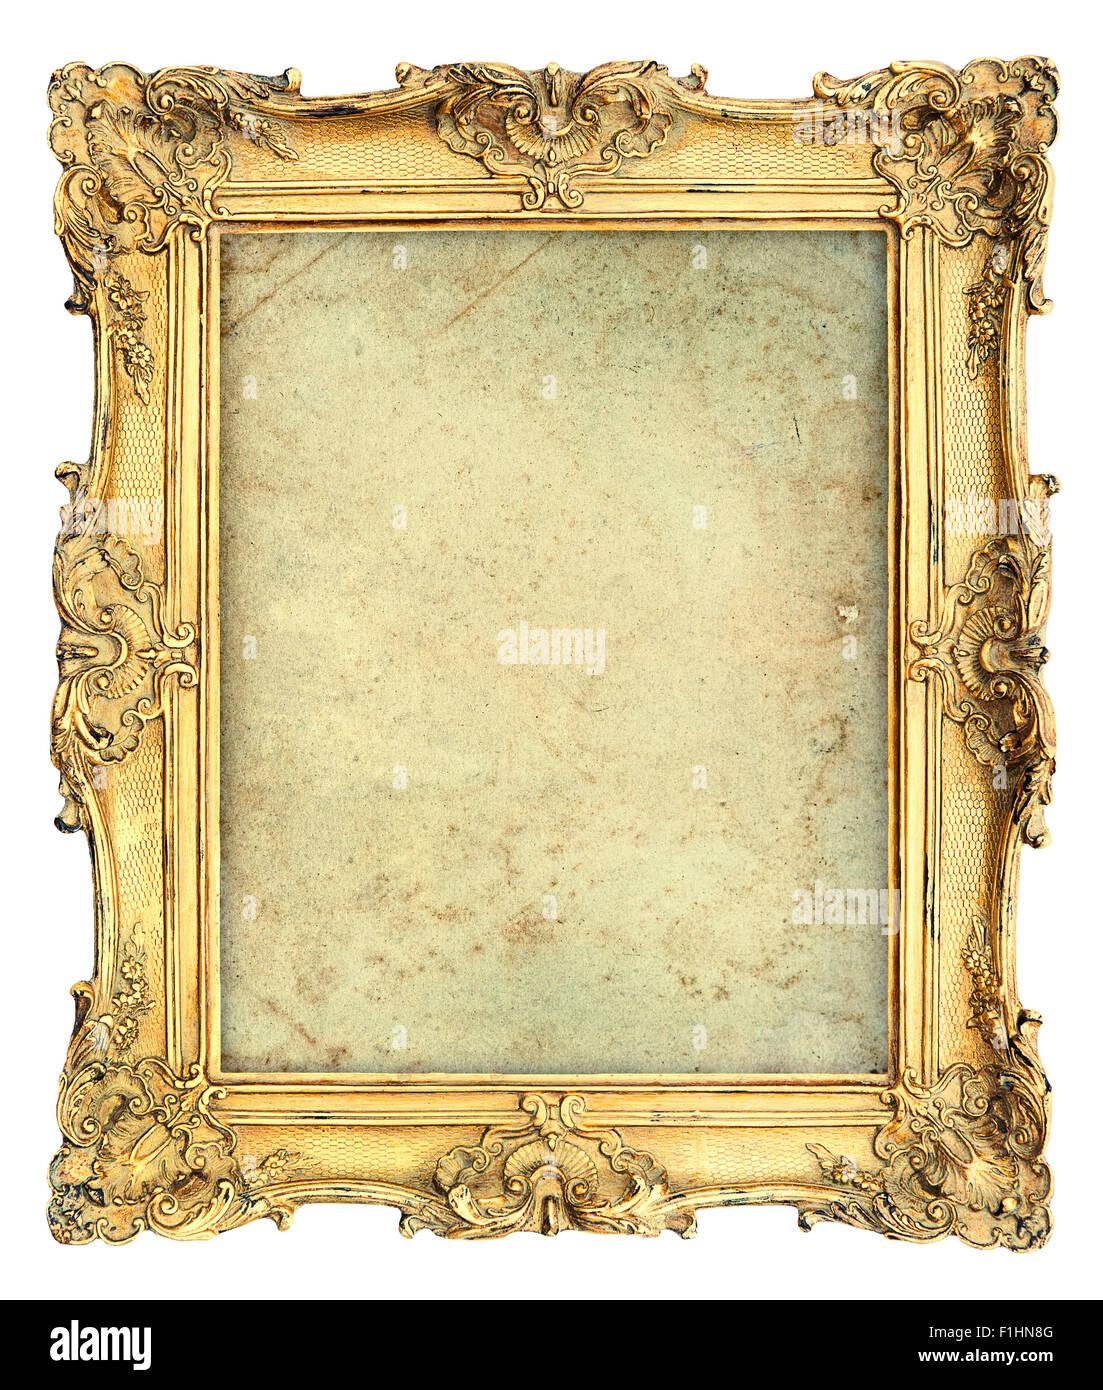 673e82637fd Golden stile barocco picture frame con tela isolati su sfondo bianco.  Oggetto vintage